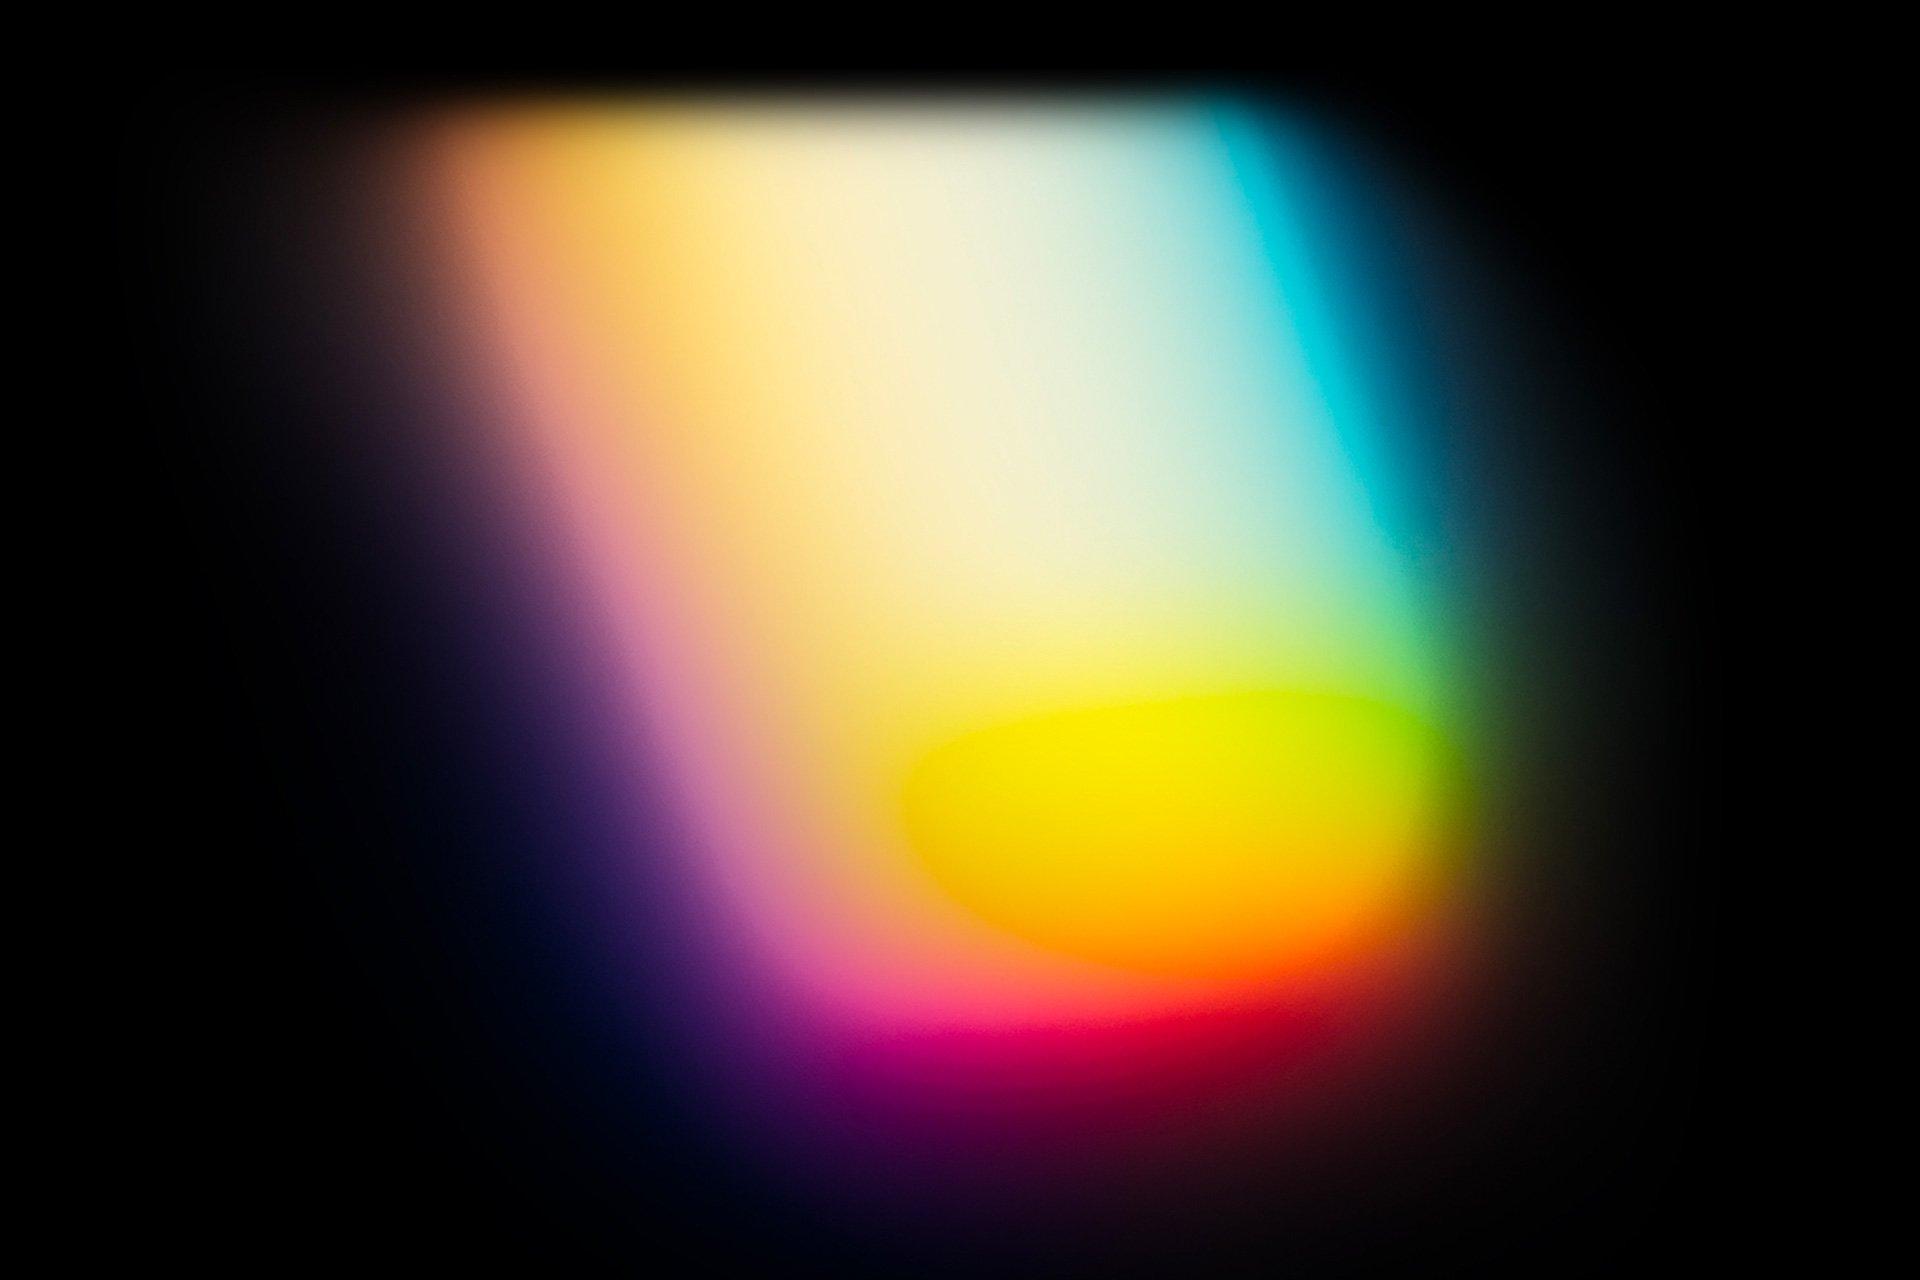 104款高清潮流全息渐变虹彩背景图片设计素材 104 4K Prism Textures插图(3)